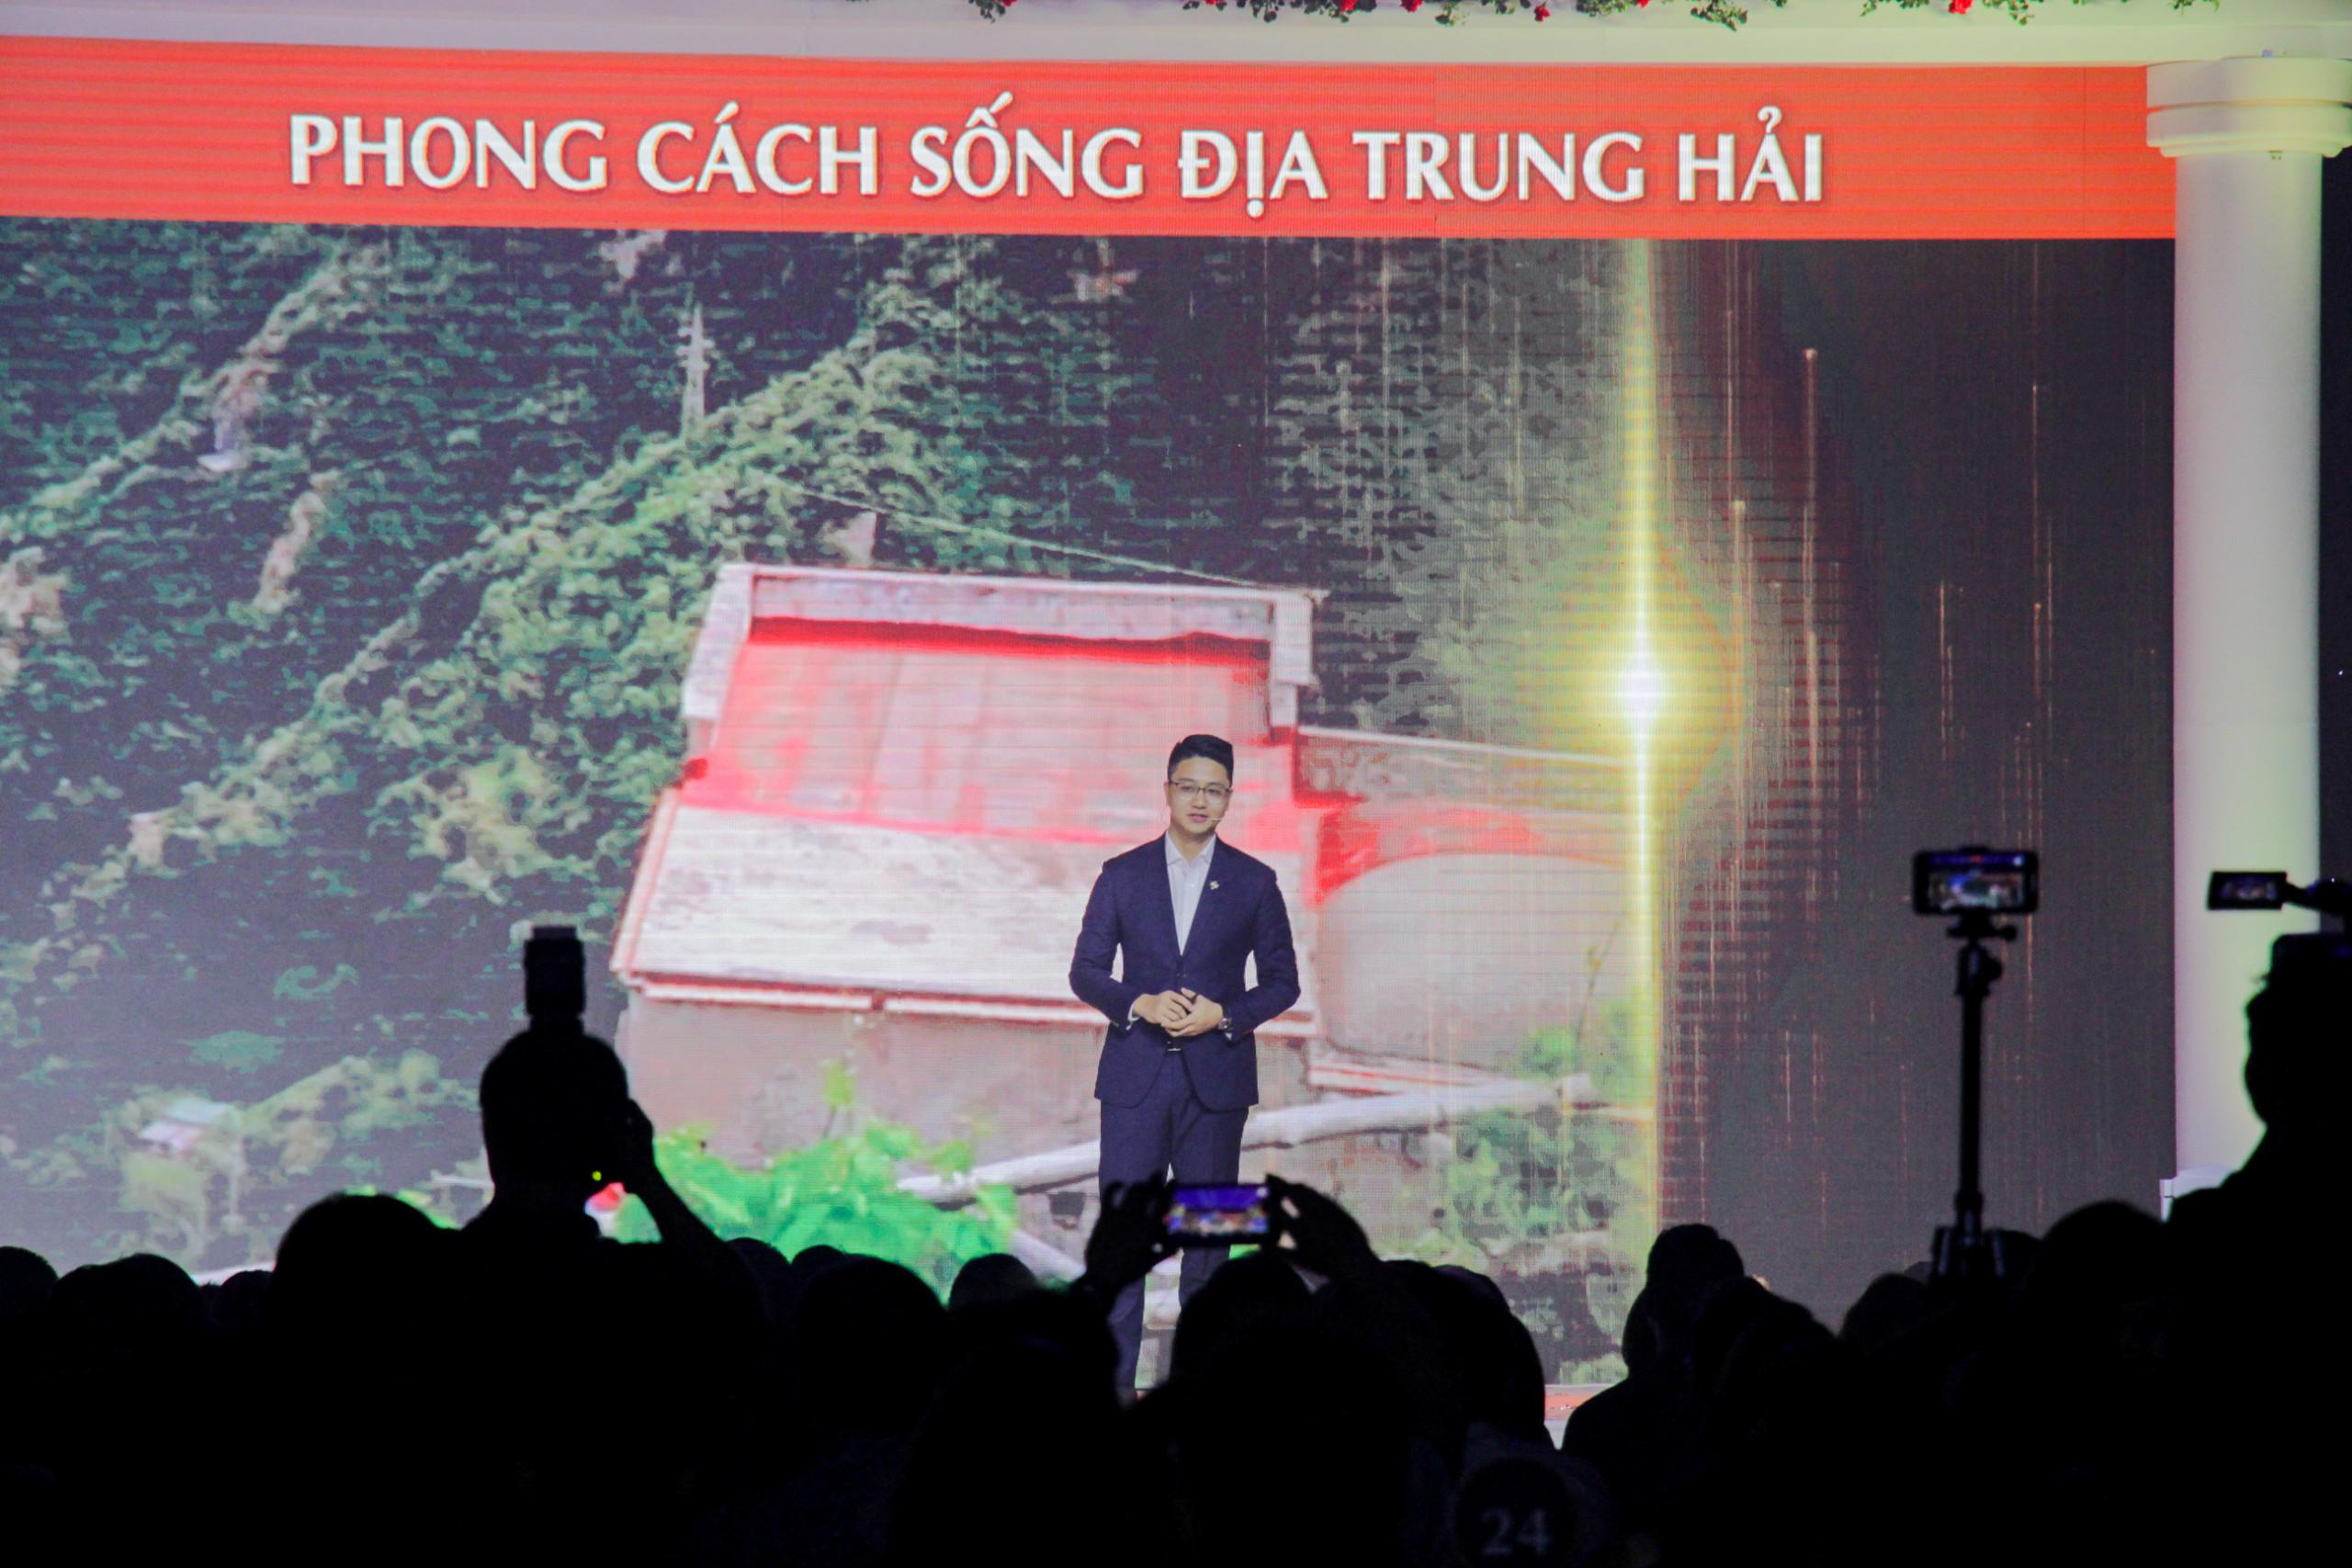 ong-dinh-gia-long-gioi-thieu-du-an-shophouse-the-center